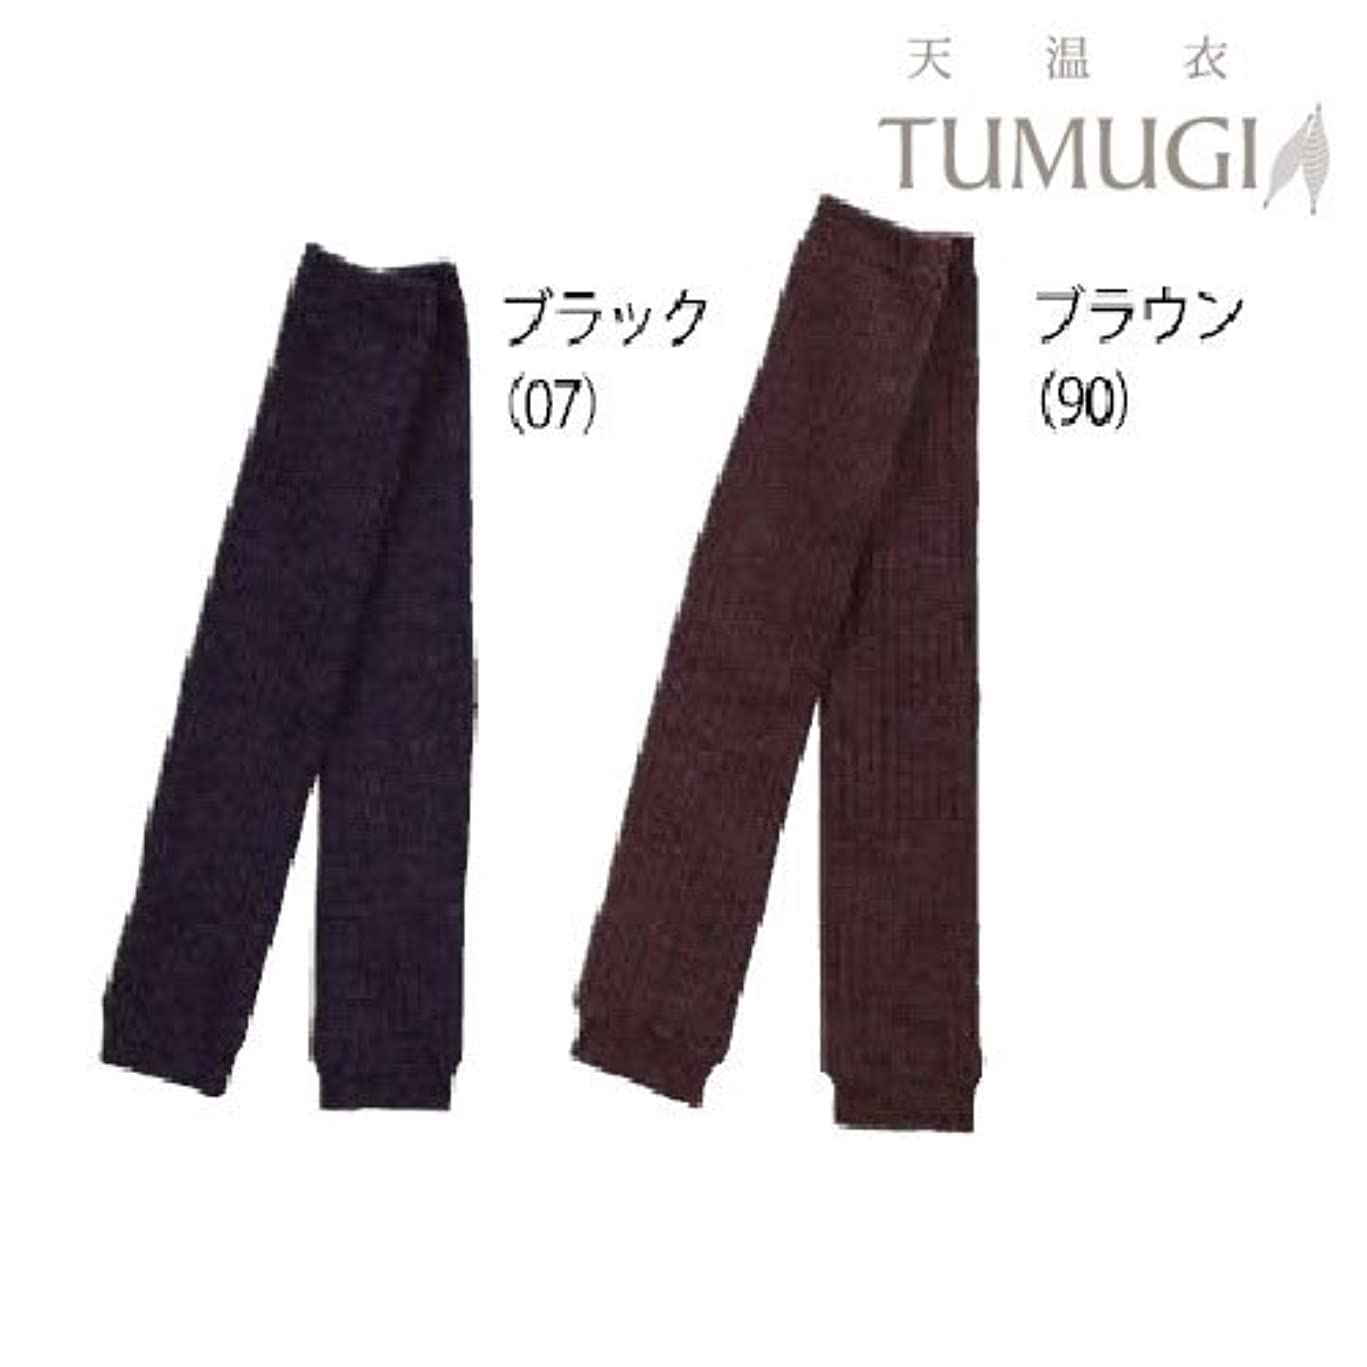 トレース宗教的な敬の念天温衣TUMUGI  ウールとシルクの2重編みレッグウォーマー (ブラウン(茶))